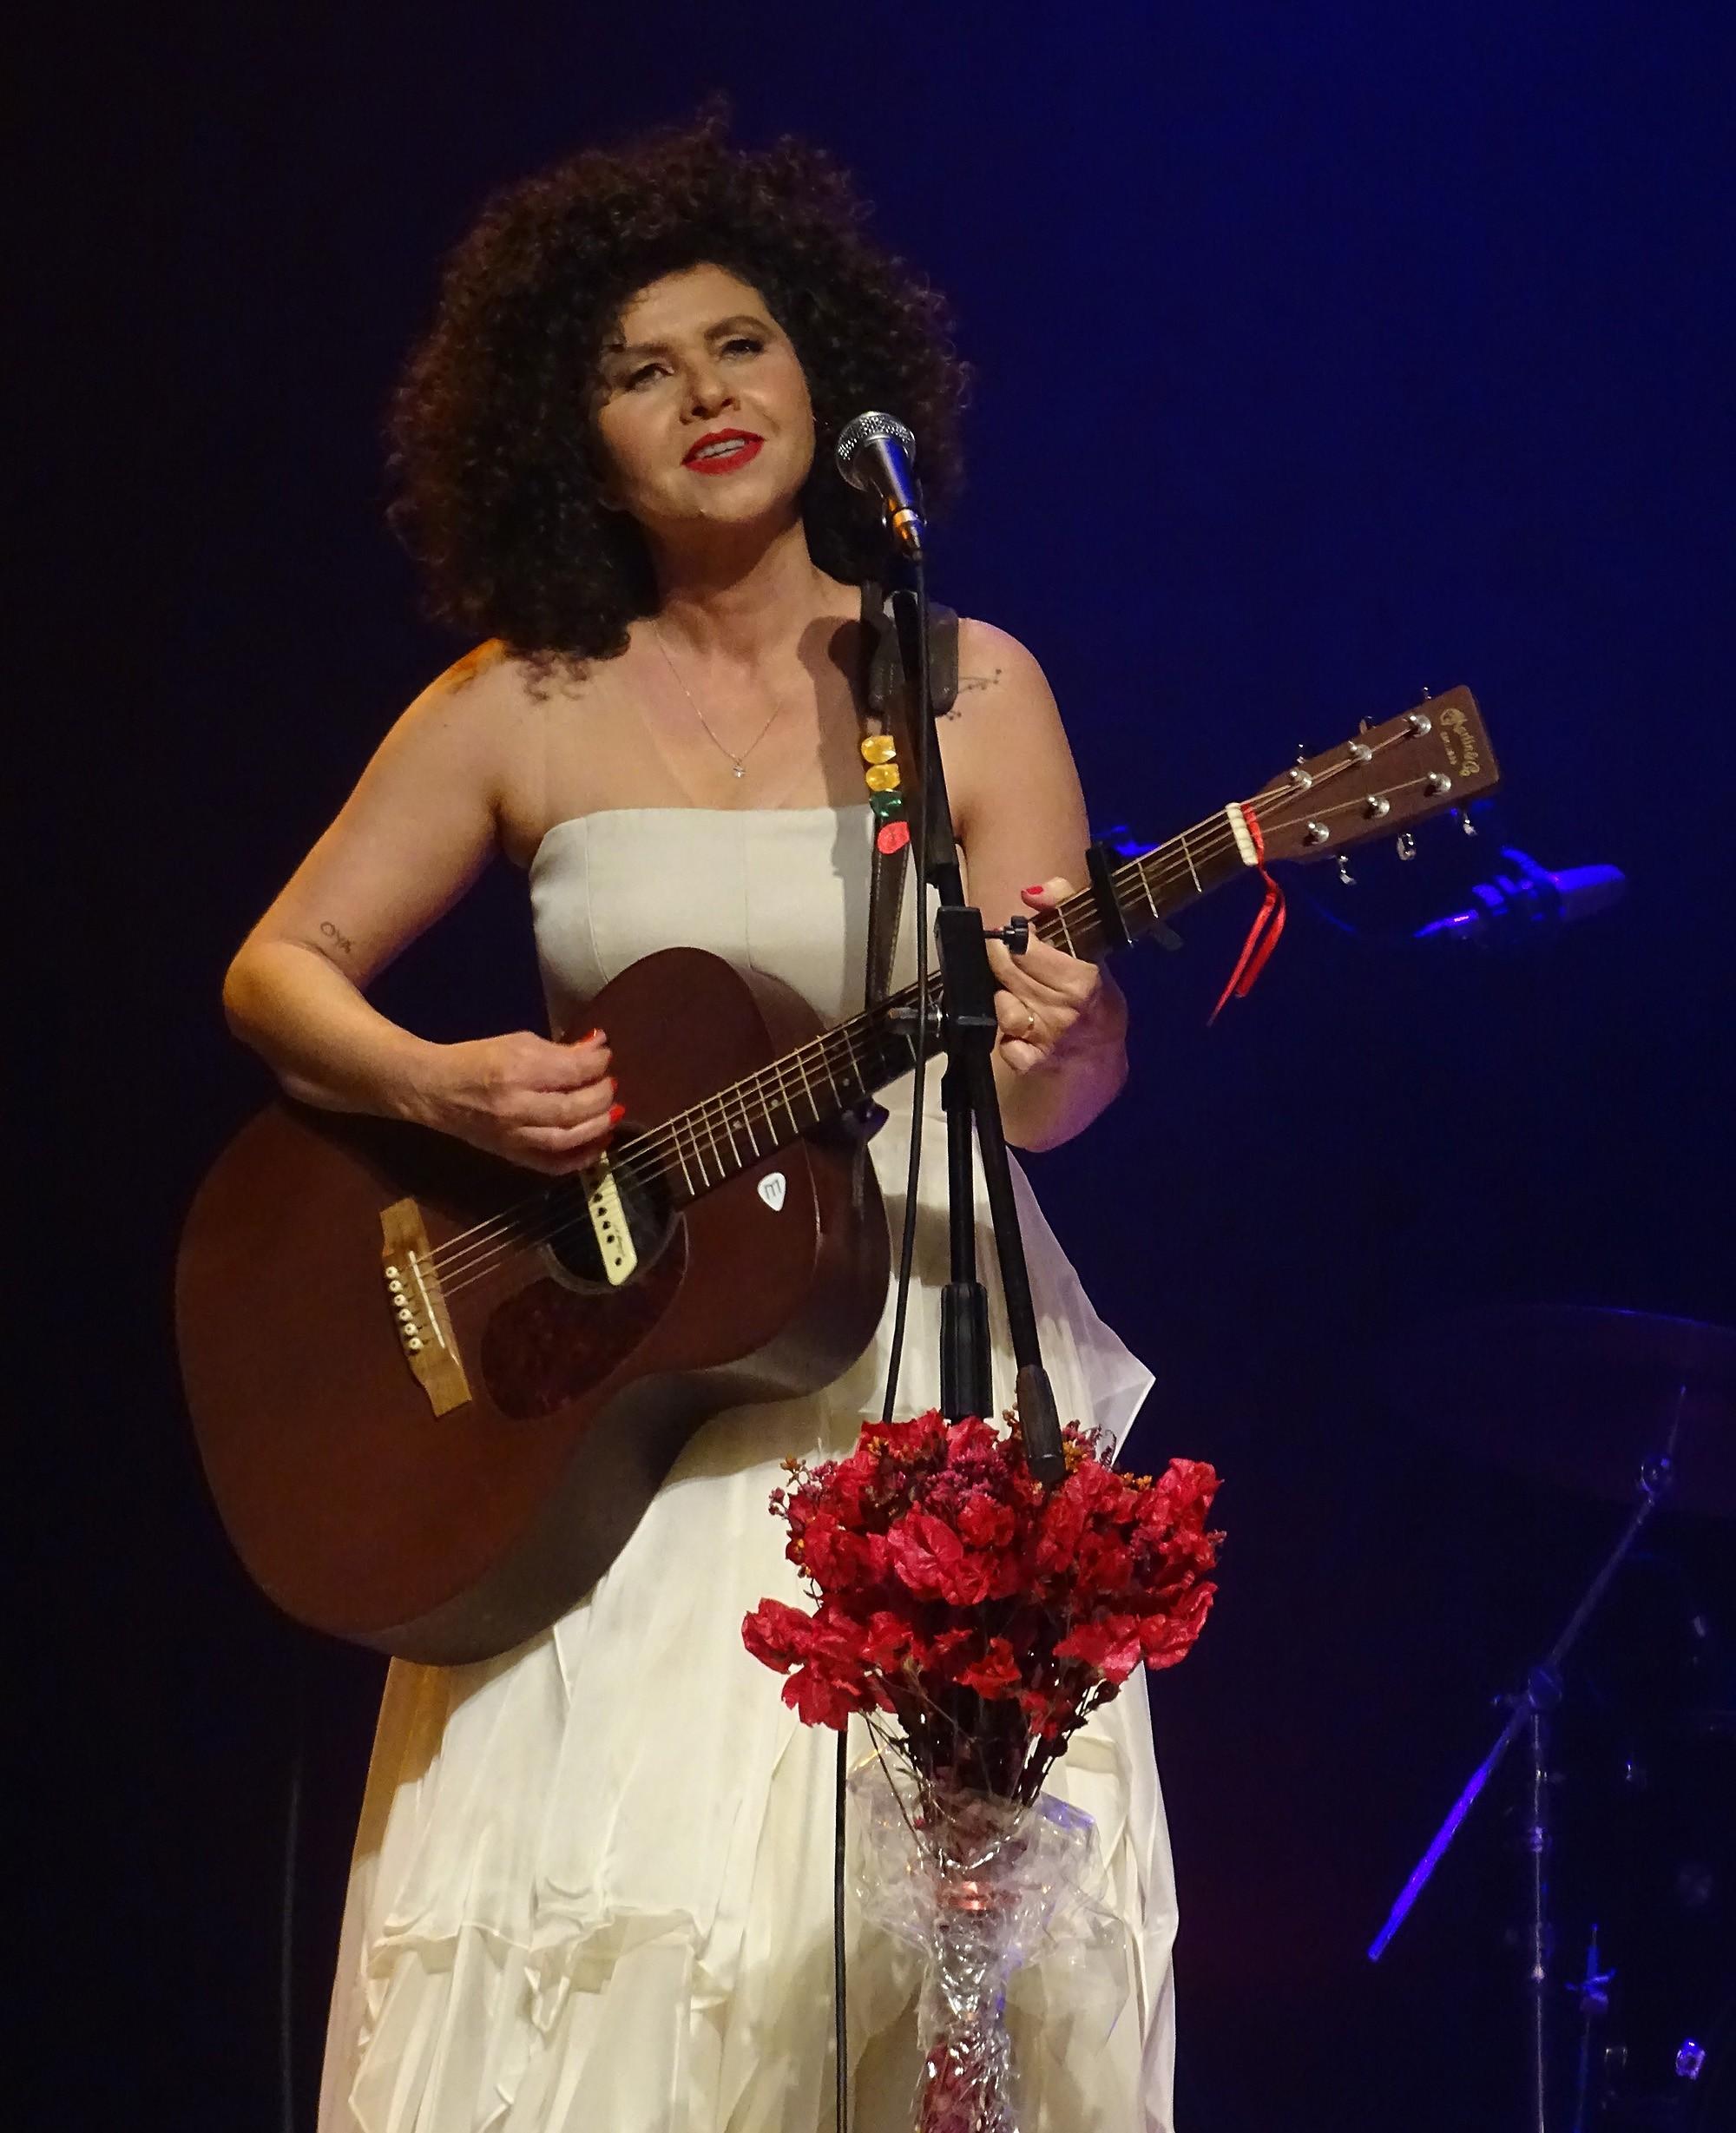 Roberta Campos se escora no apelo de canções afáveis em show pautado por leveza linear